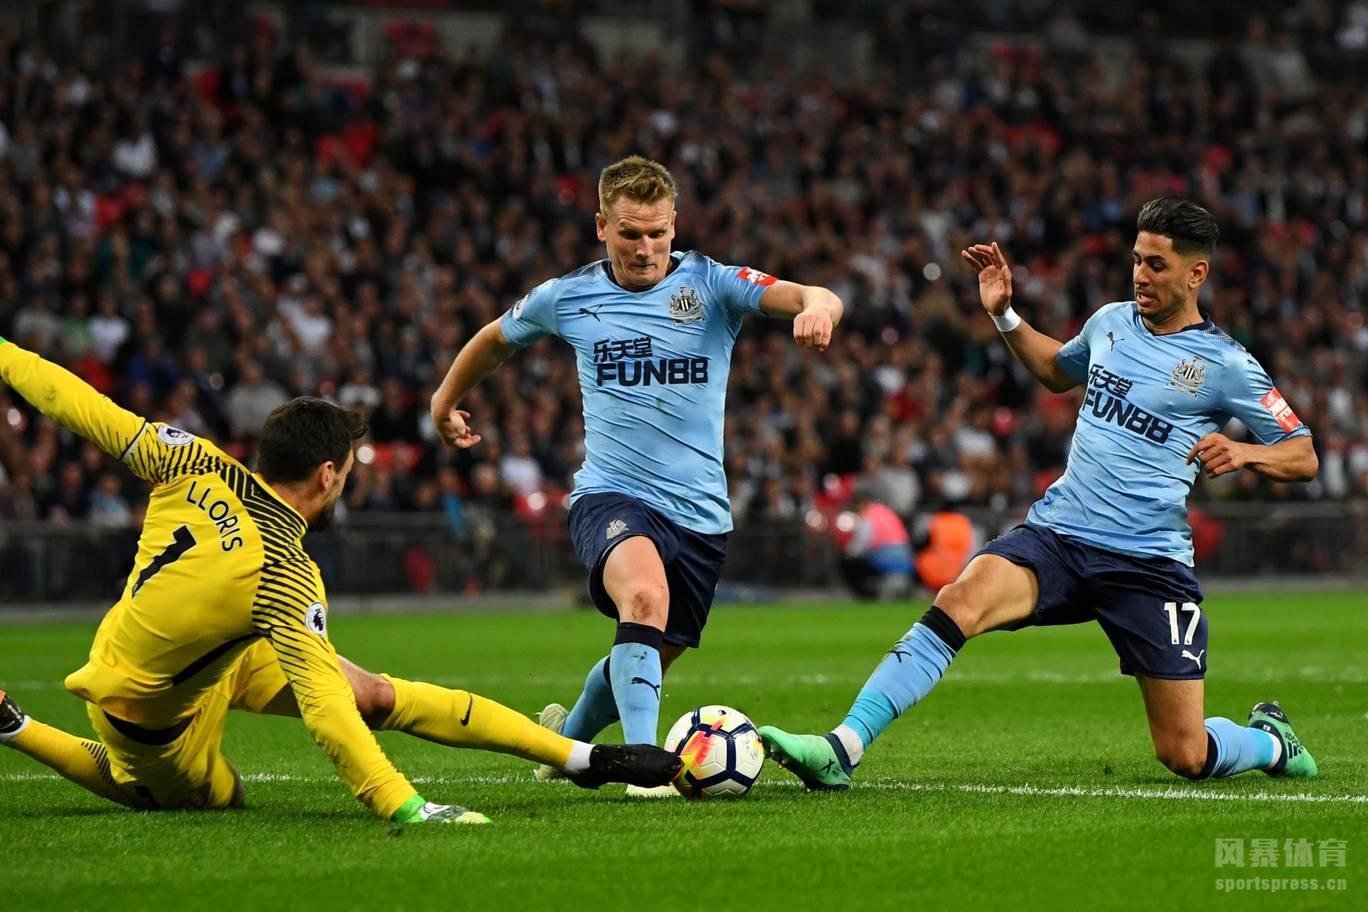 拿到3分的热刺现在积74分,反超利物浦2分,下一轮只要他们获胜,那么就可以以英超季军的身份结束赛季。